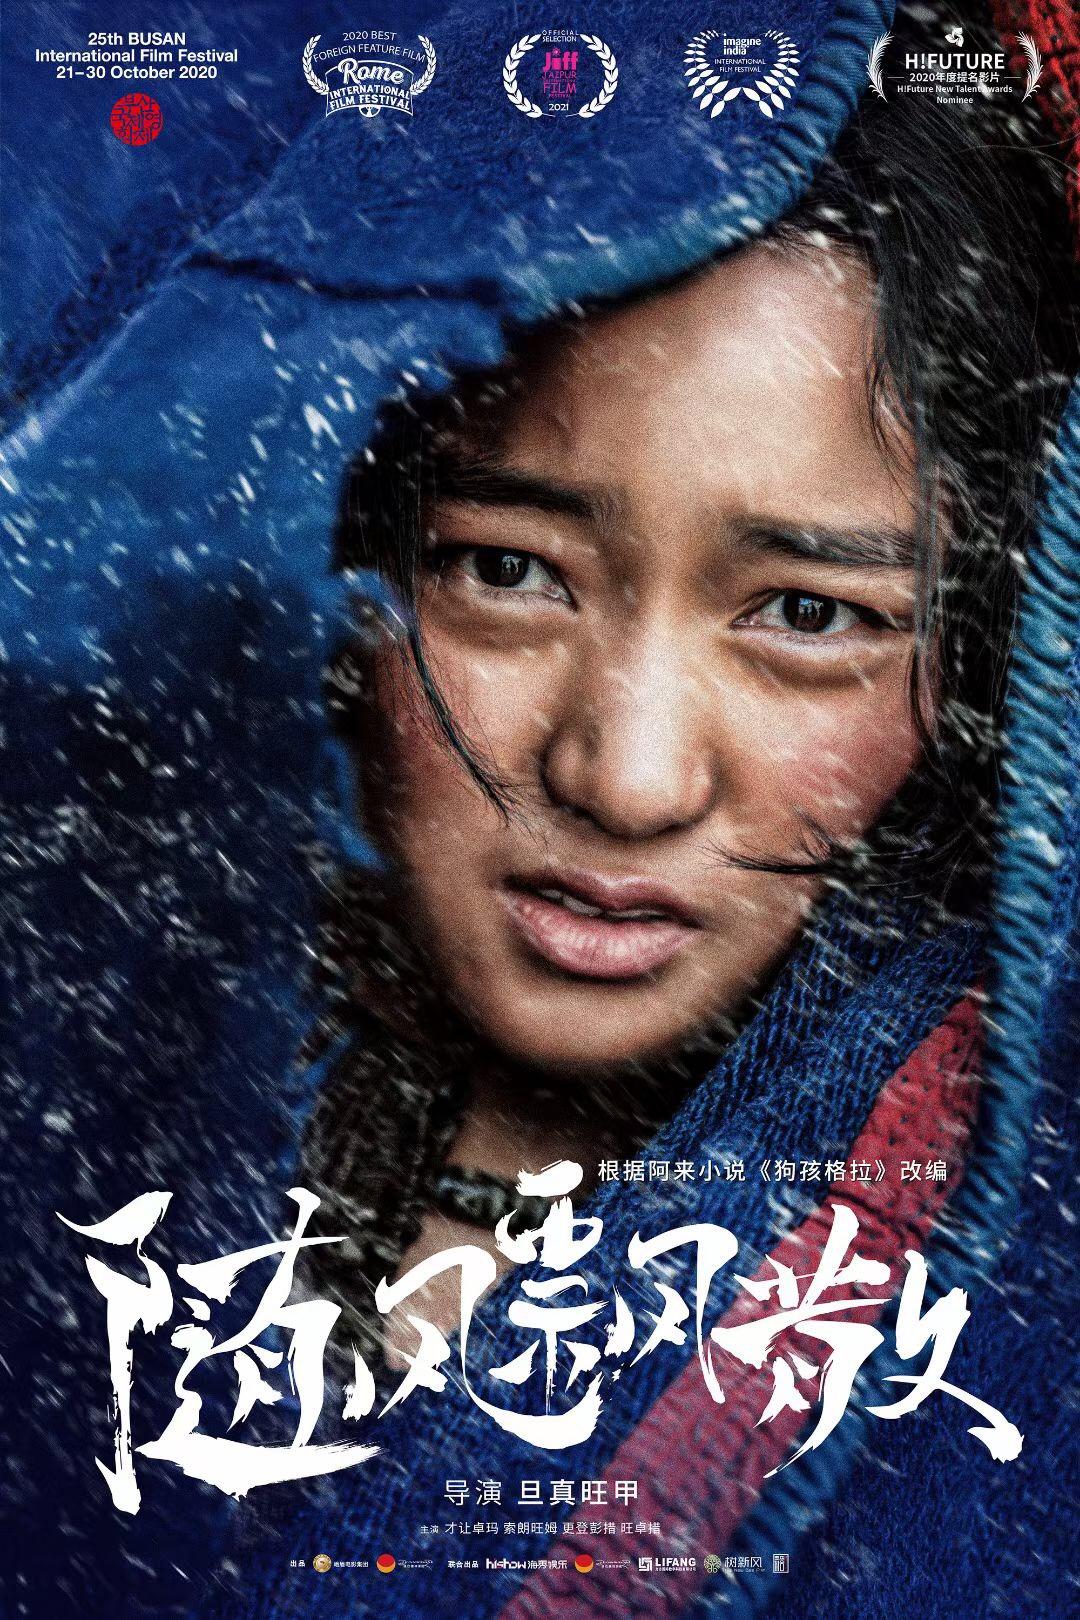 取景松潘县的藏族女性题材电影《随风飘散》首映